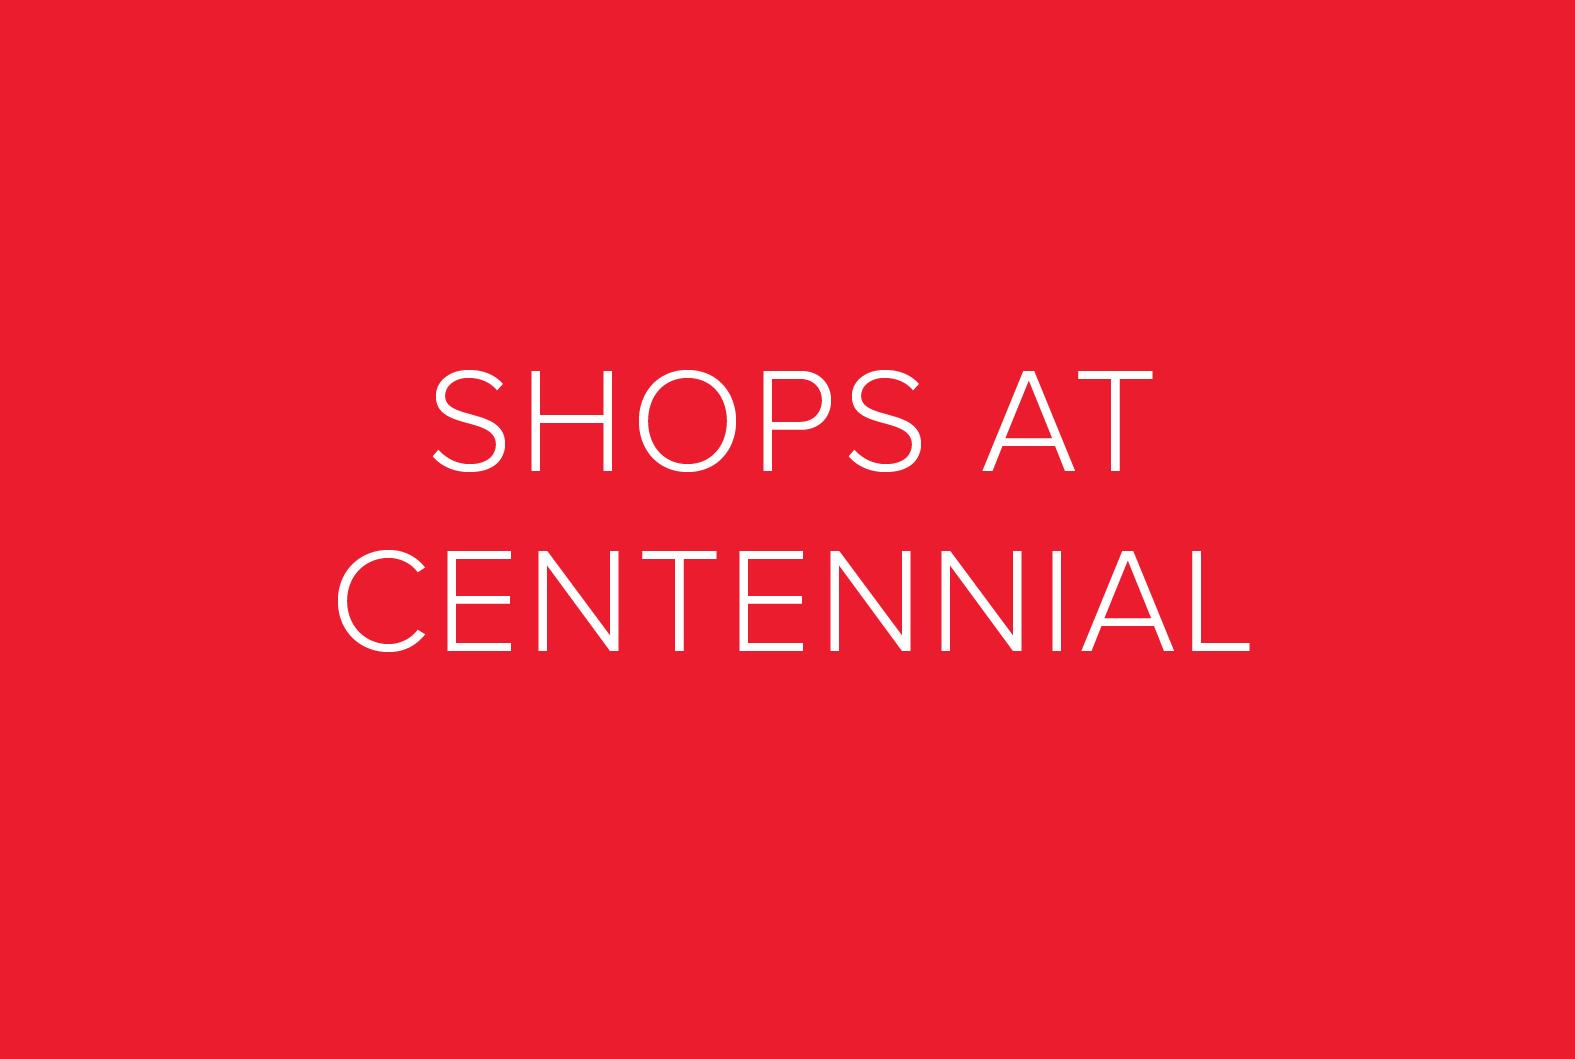 shops at centennial.png